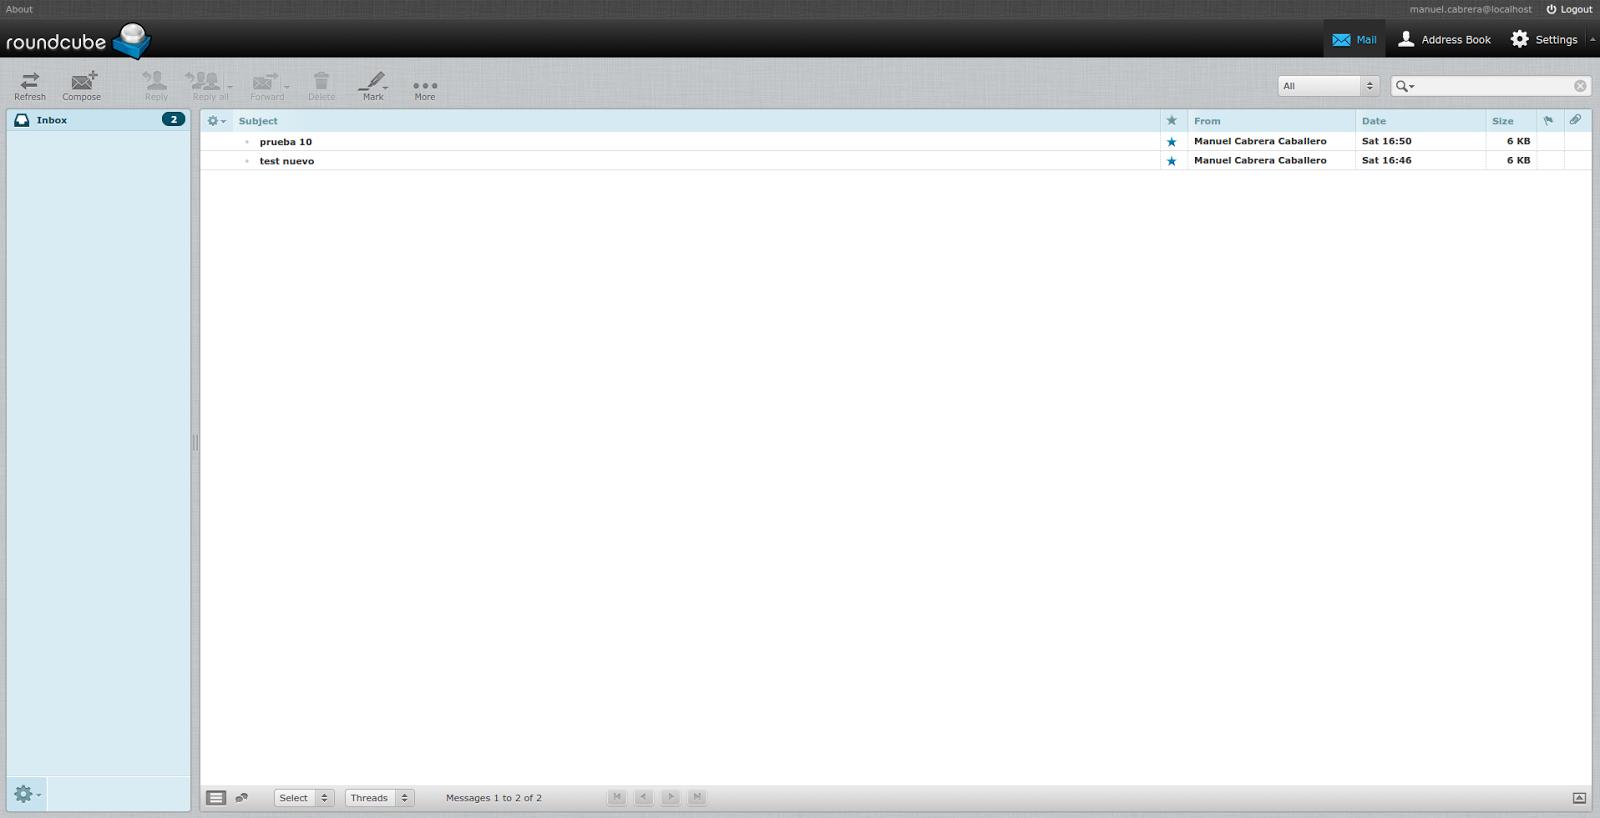 DriveMeca instalando Roundcube en un servidor Linux Centos 7 paso a paso